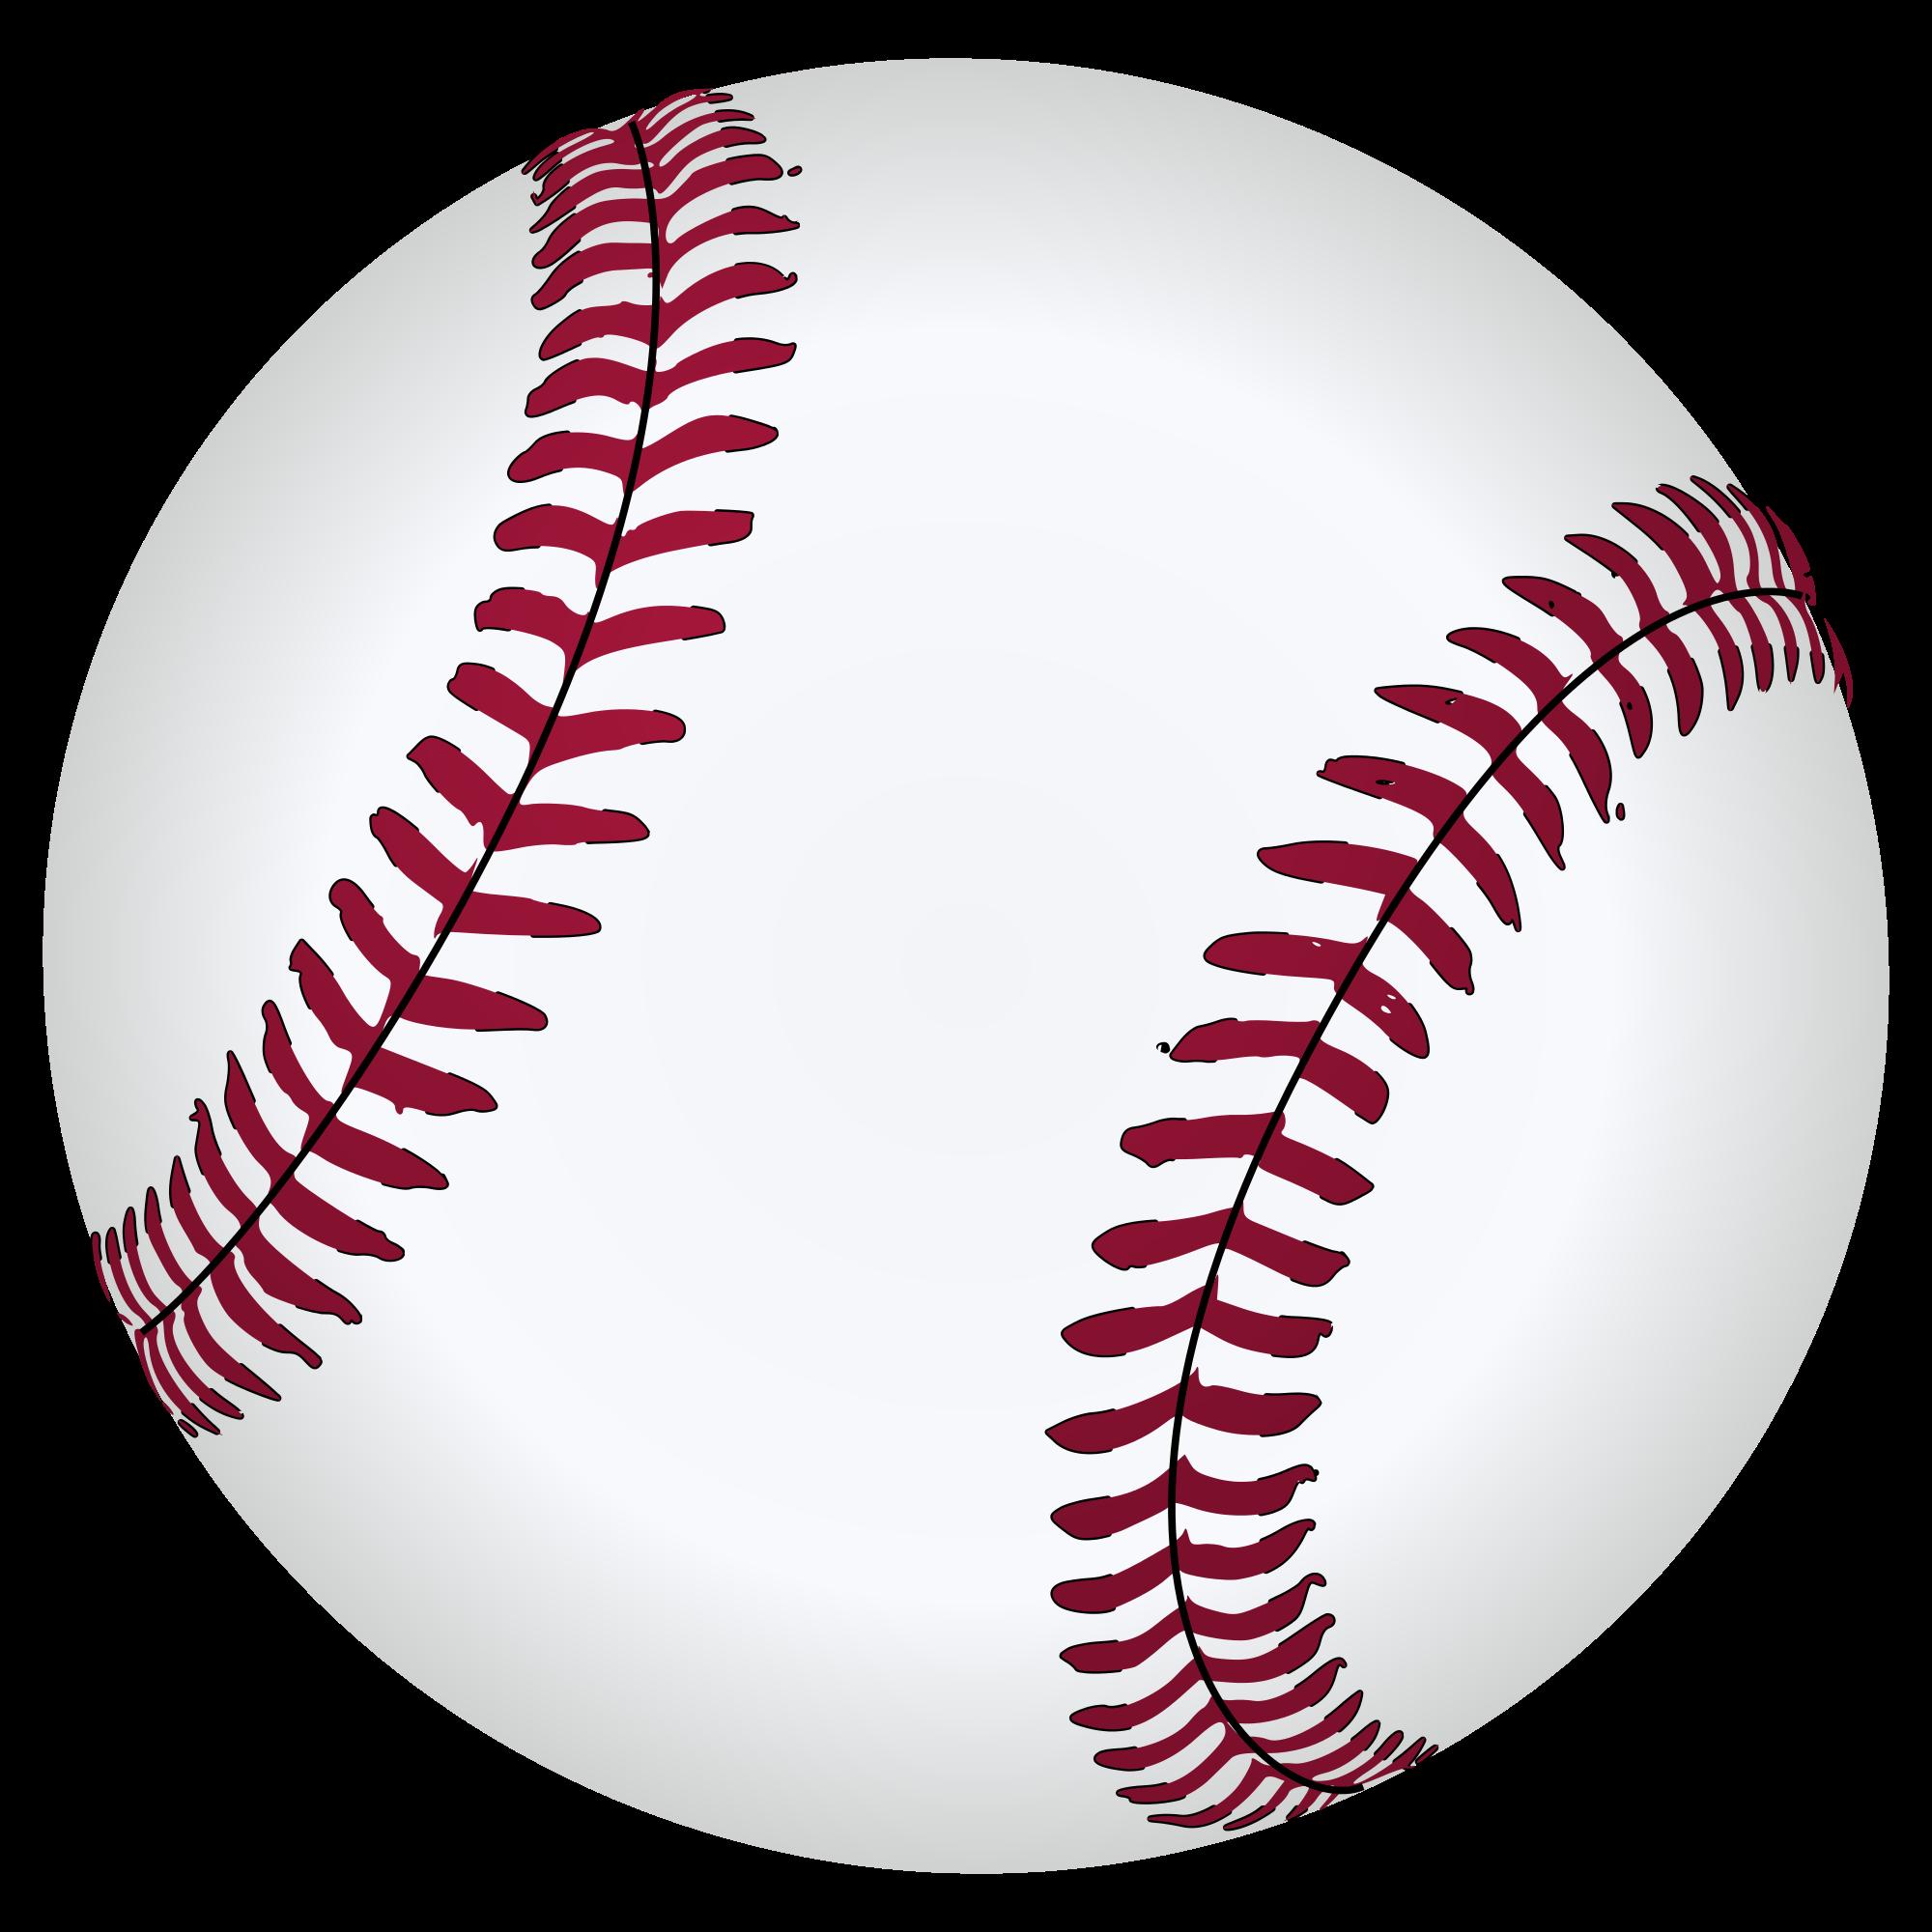 File:Baseball svg - Wikimedia Commons